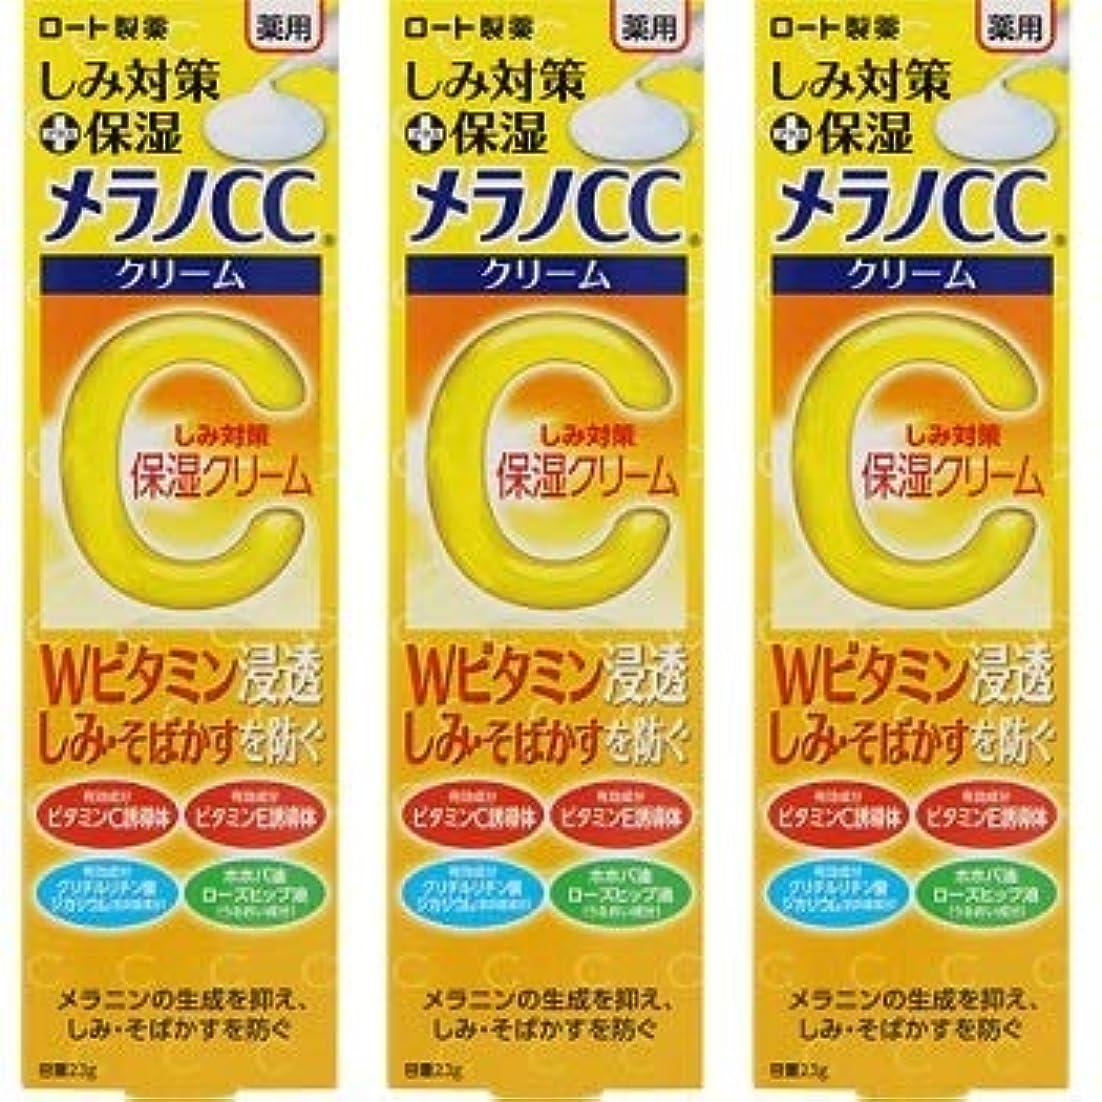 変位ビバポークメラノCC 薬用しみ対策 保湿クリーム 23g×3個セット